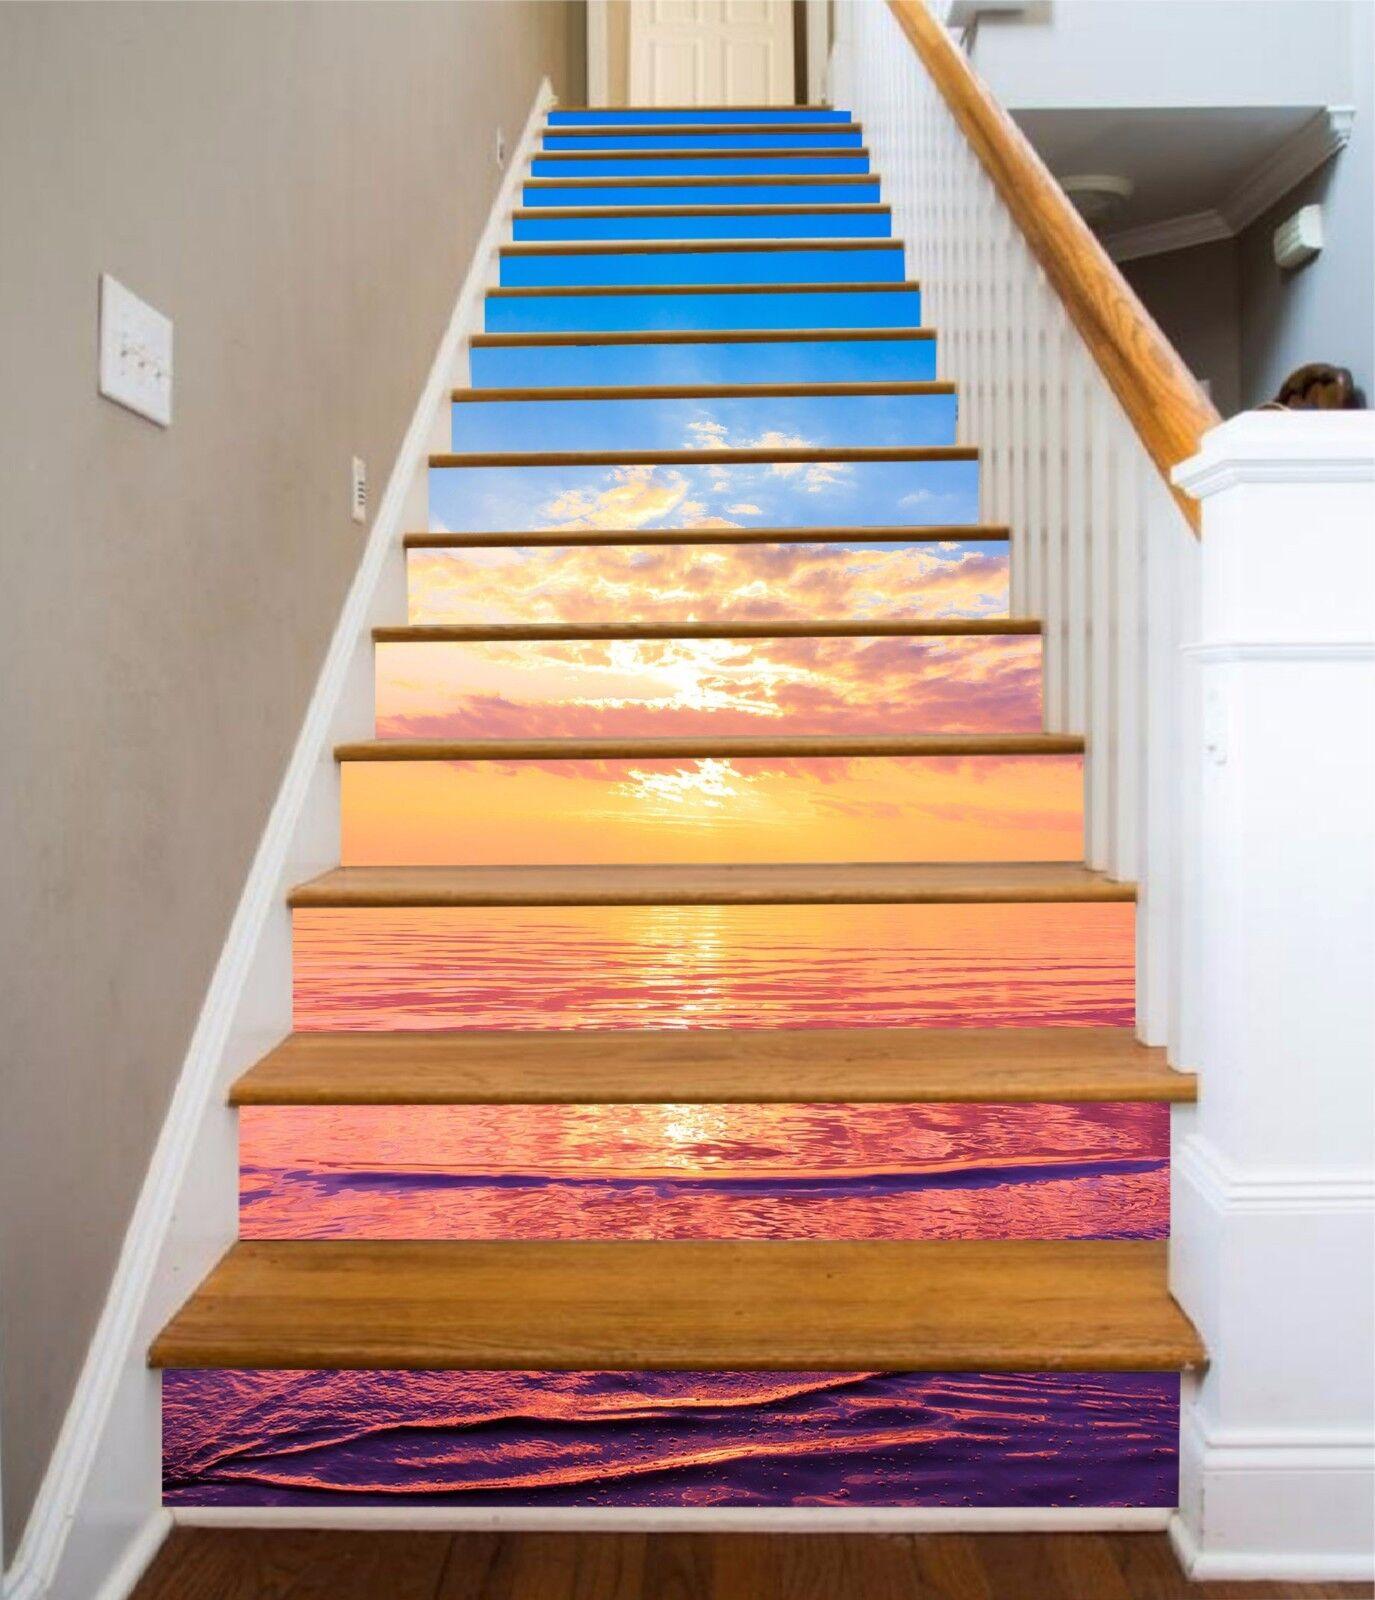 3D Sky ocean 354 Stair Risers Decoration Photo Mural Vinyl Decal Wallpaper UK